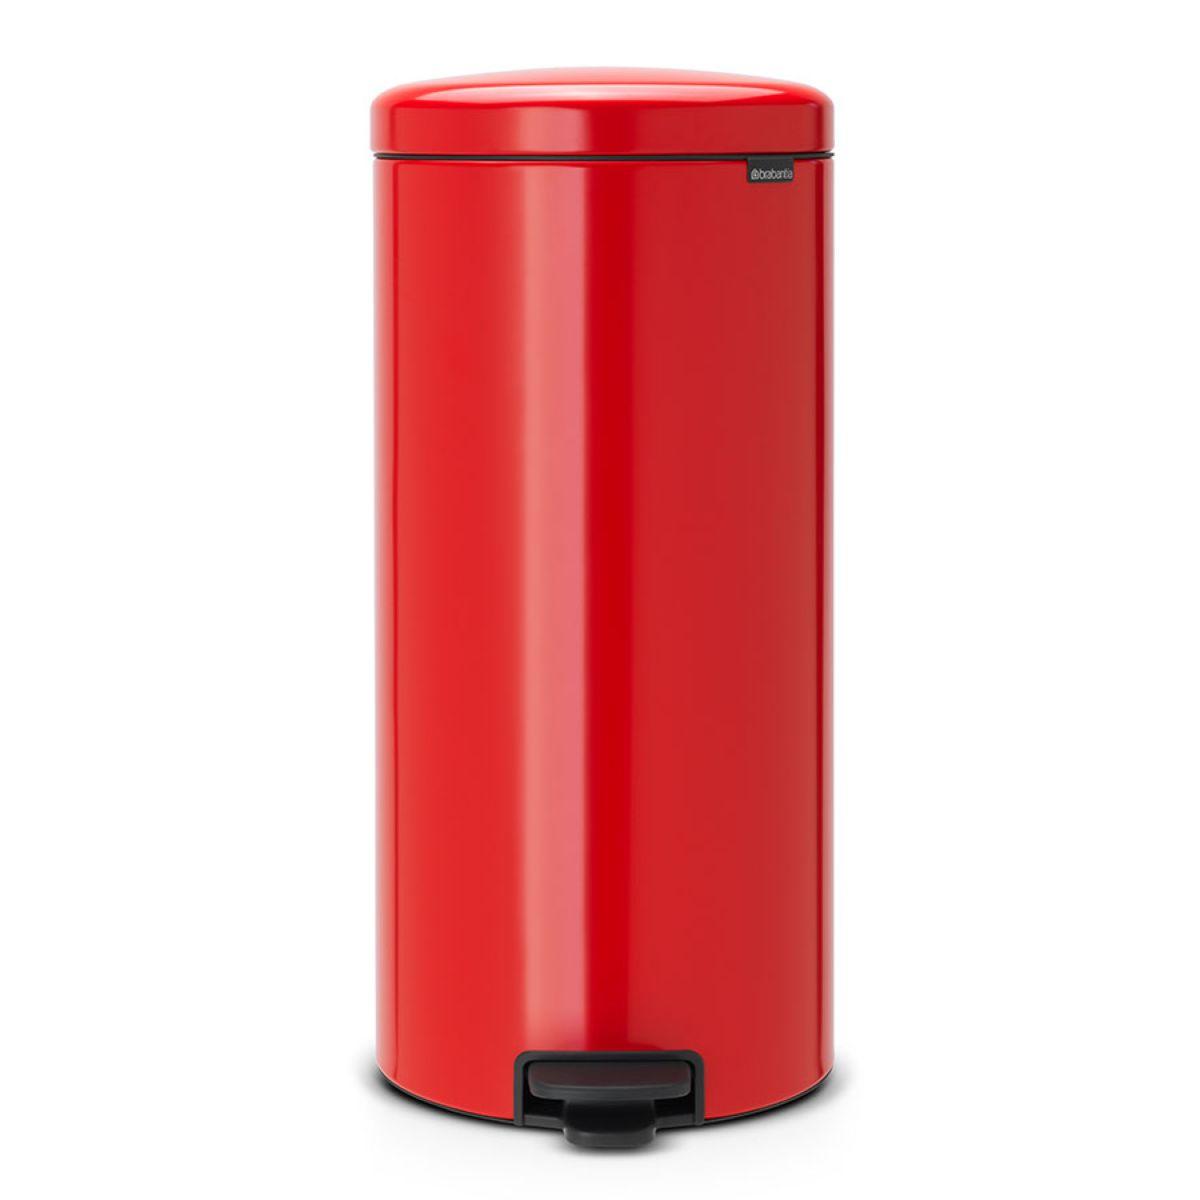 Brabantia newIcon 30L Pedal Bin - Passion Red